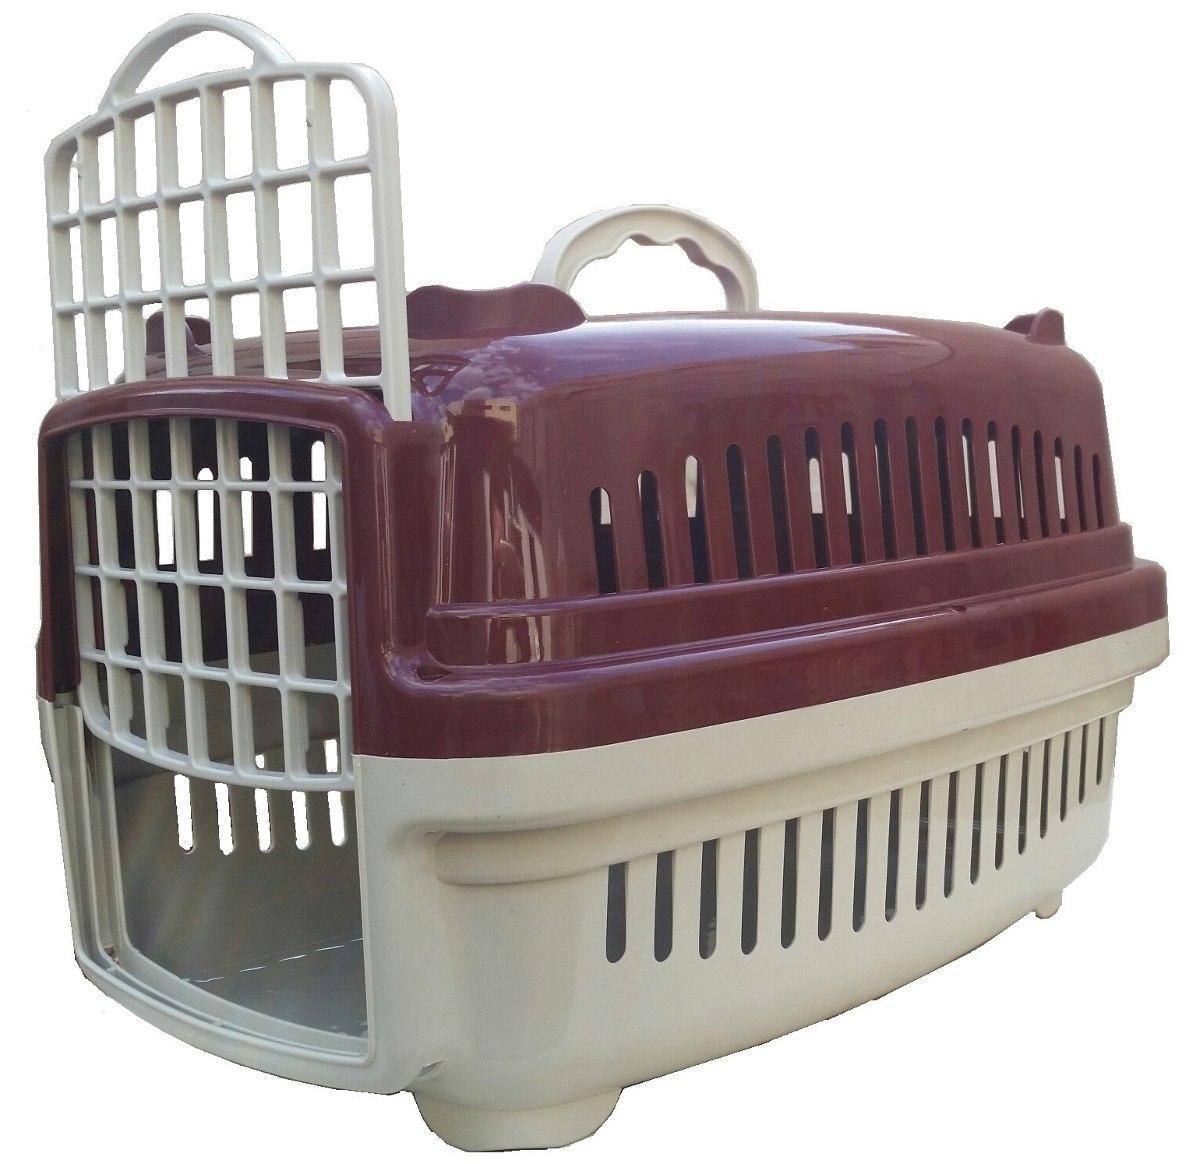 Caixa De Transporte Caes Ou Gatos N. 1 5 Cores Disponiveis R$ 29  #613D43 1200x1164